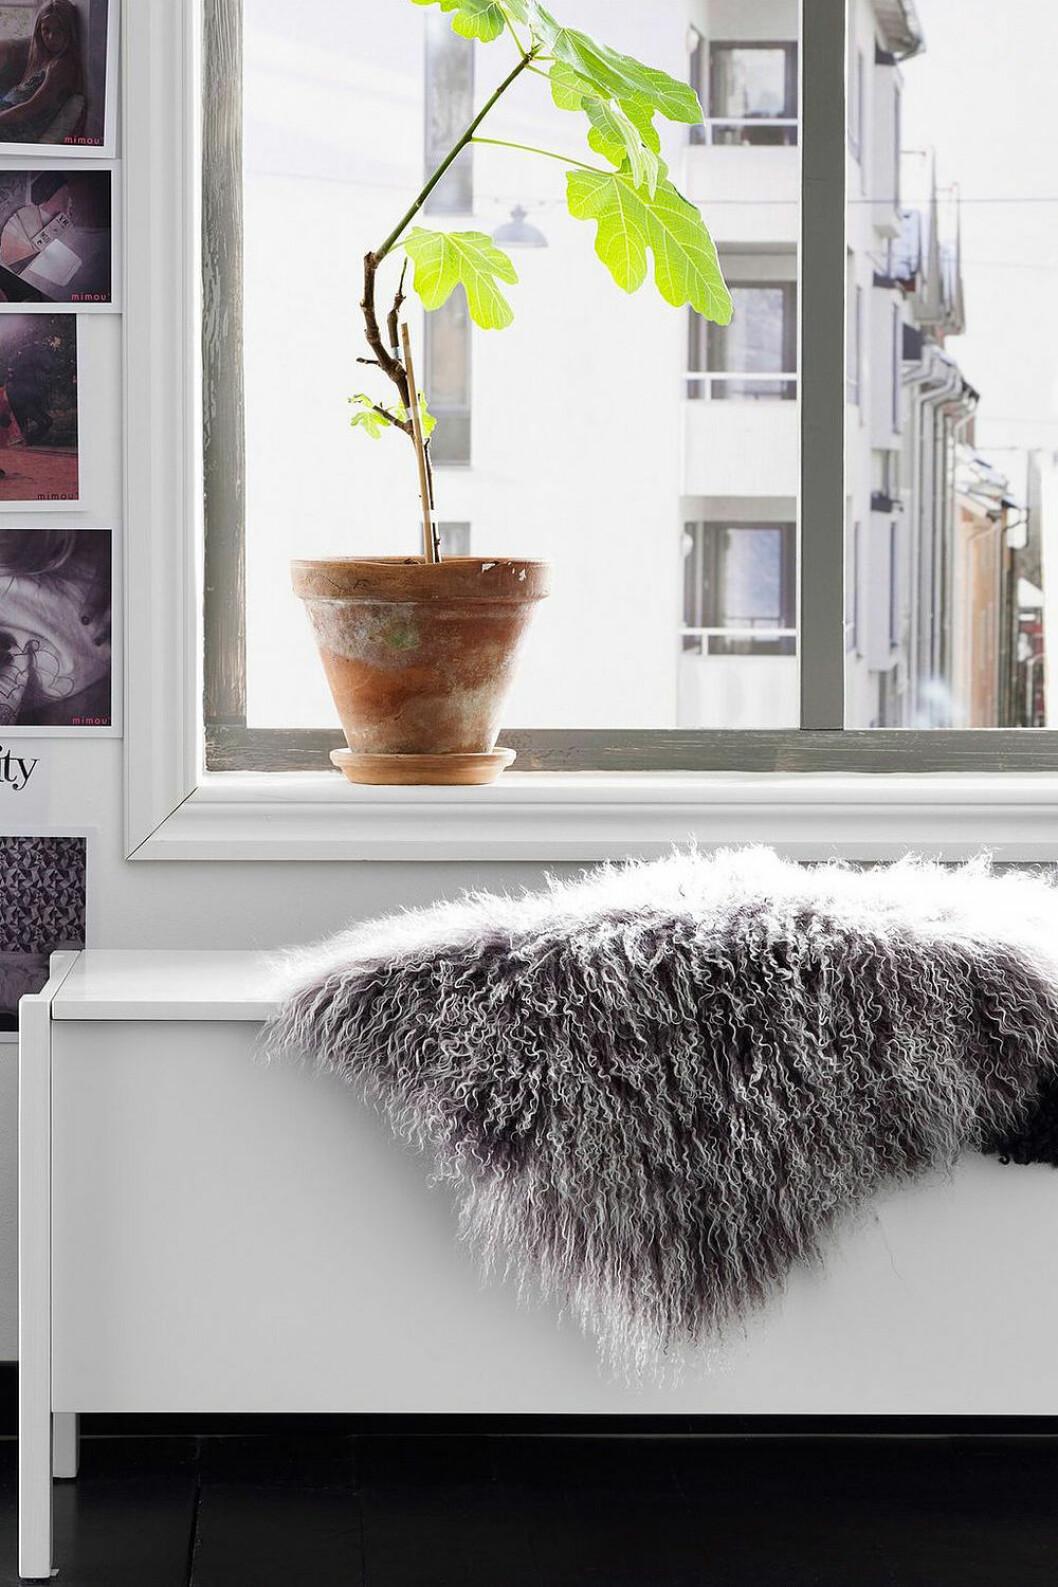 Bänk med förvaring som är compact living-smart i hallen